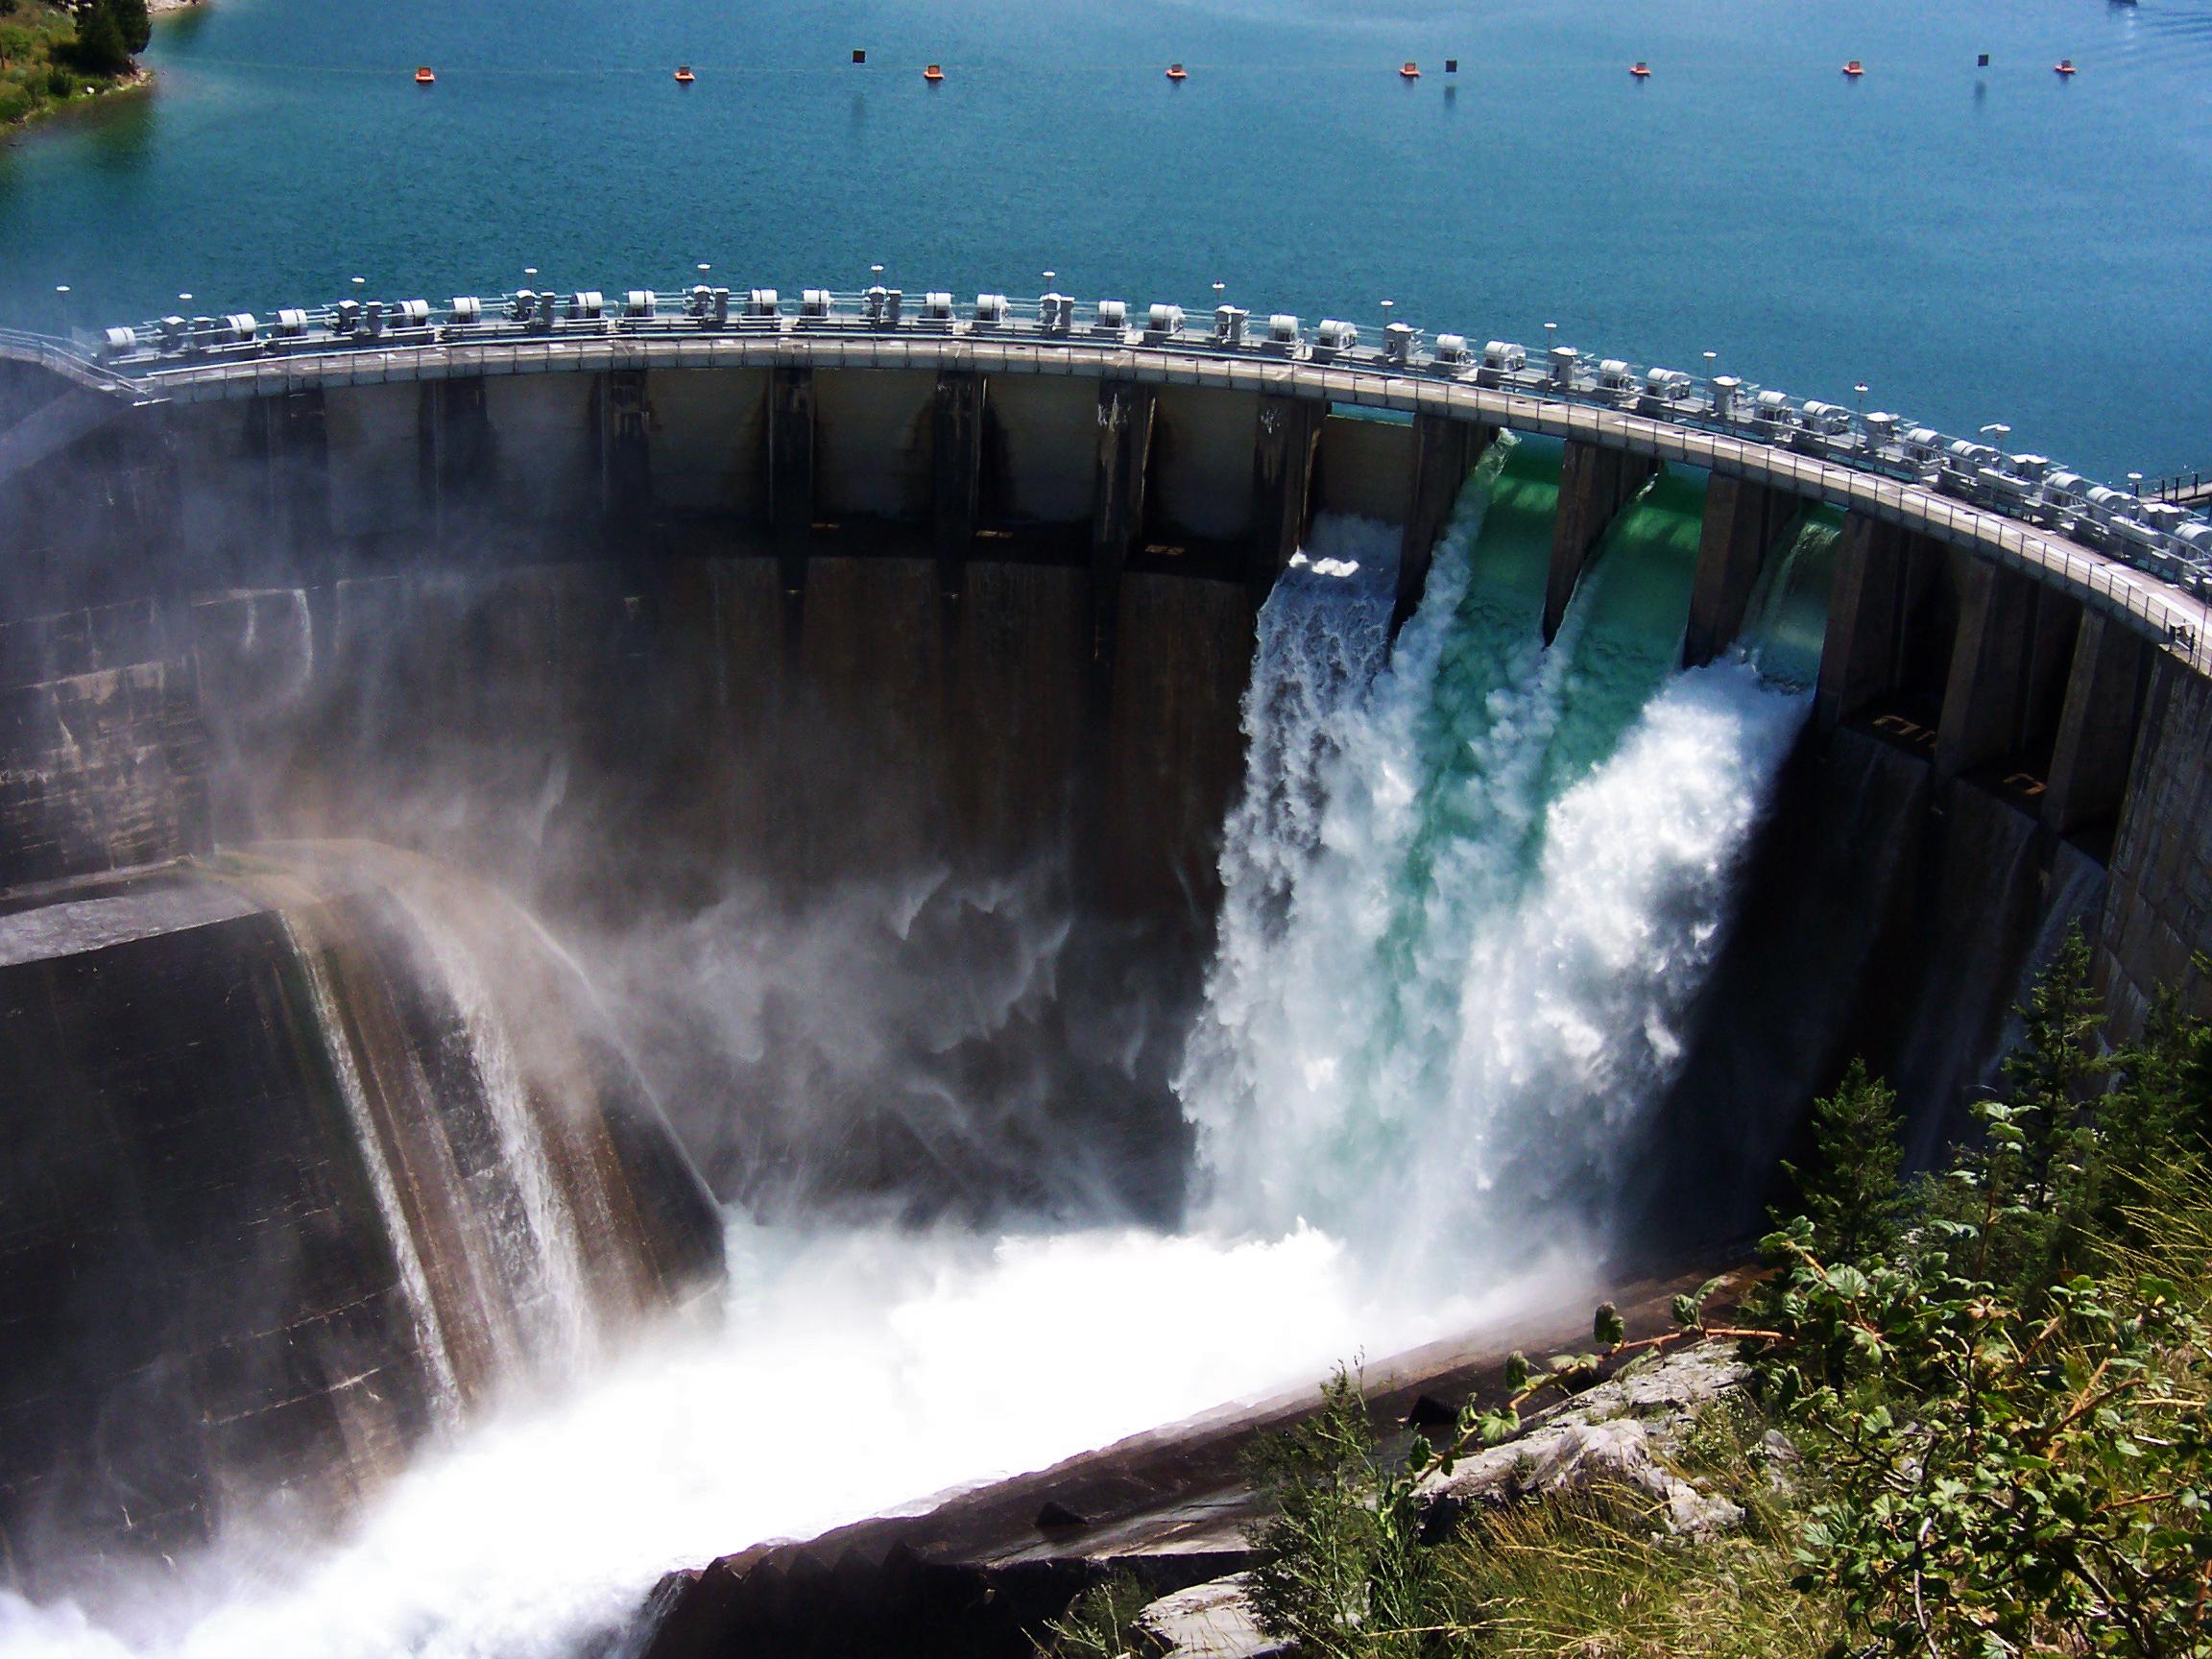 kerr-dam-1394270